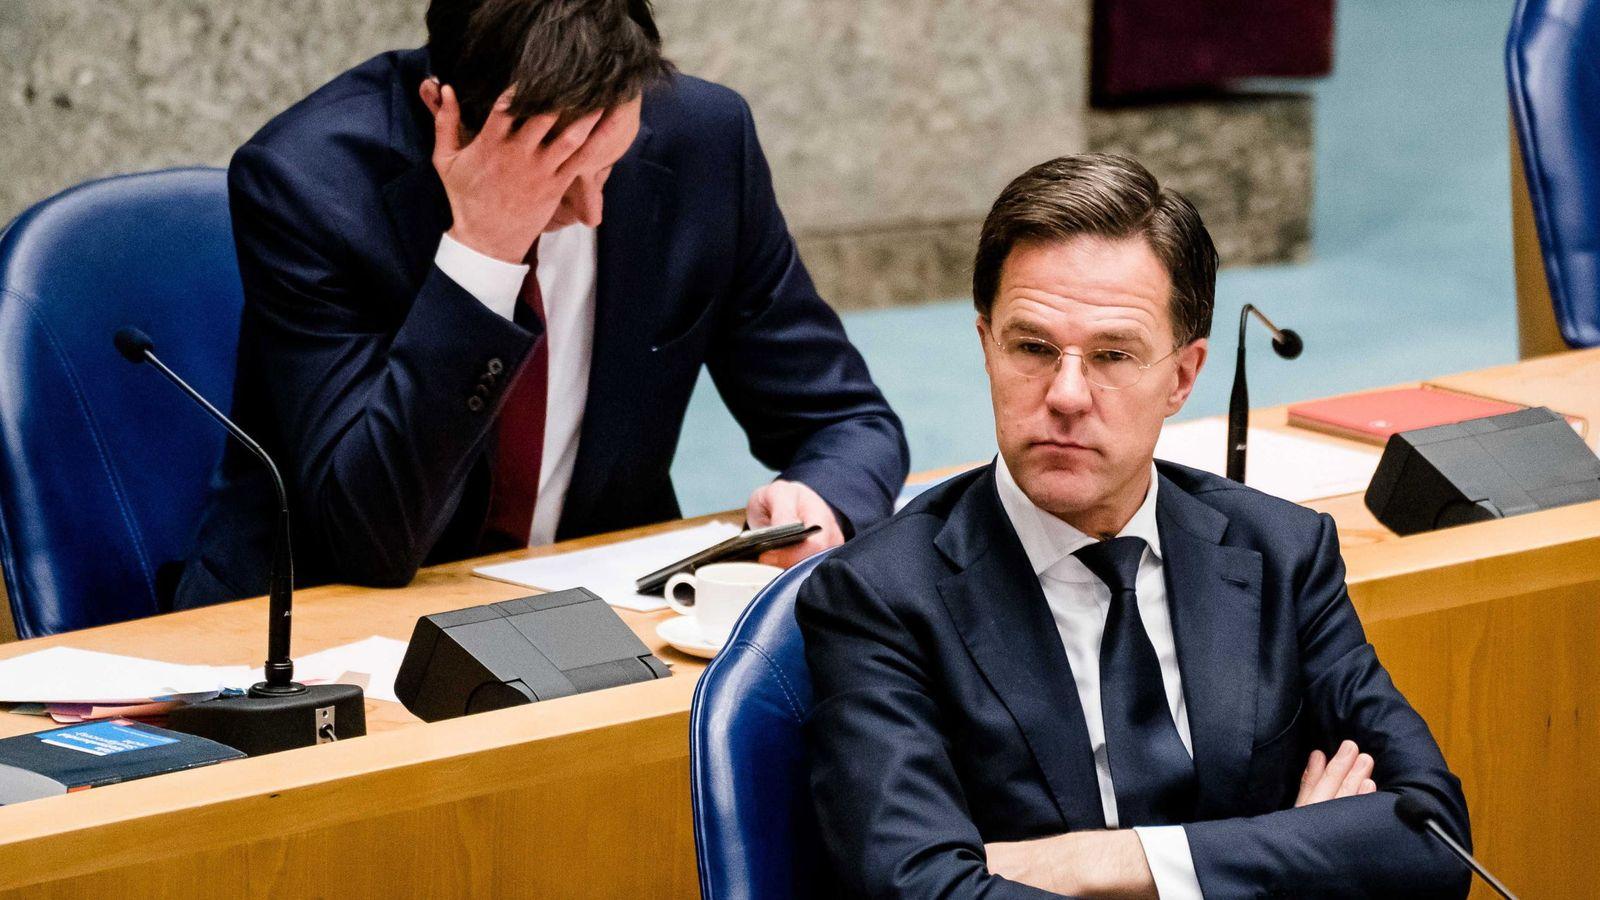 El ministro de finanzas holandés reconoce que les faltó «empatía» con los países del sur